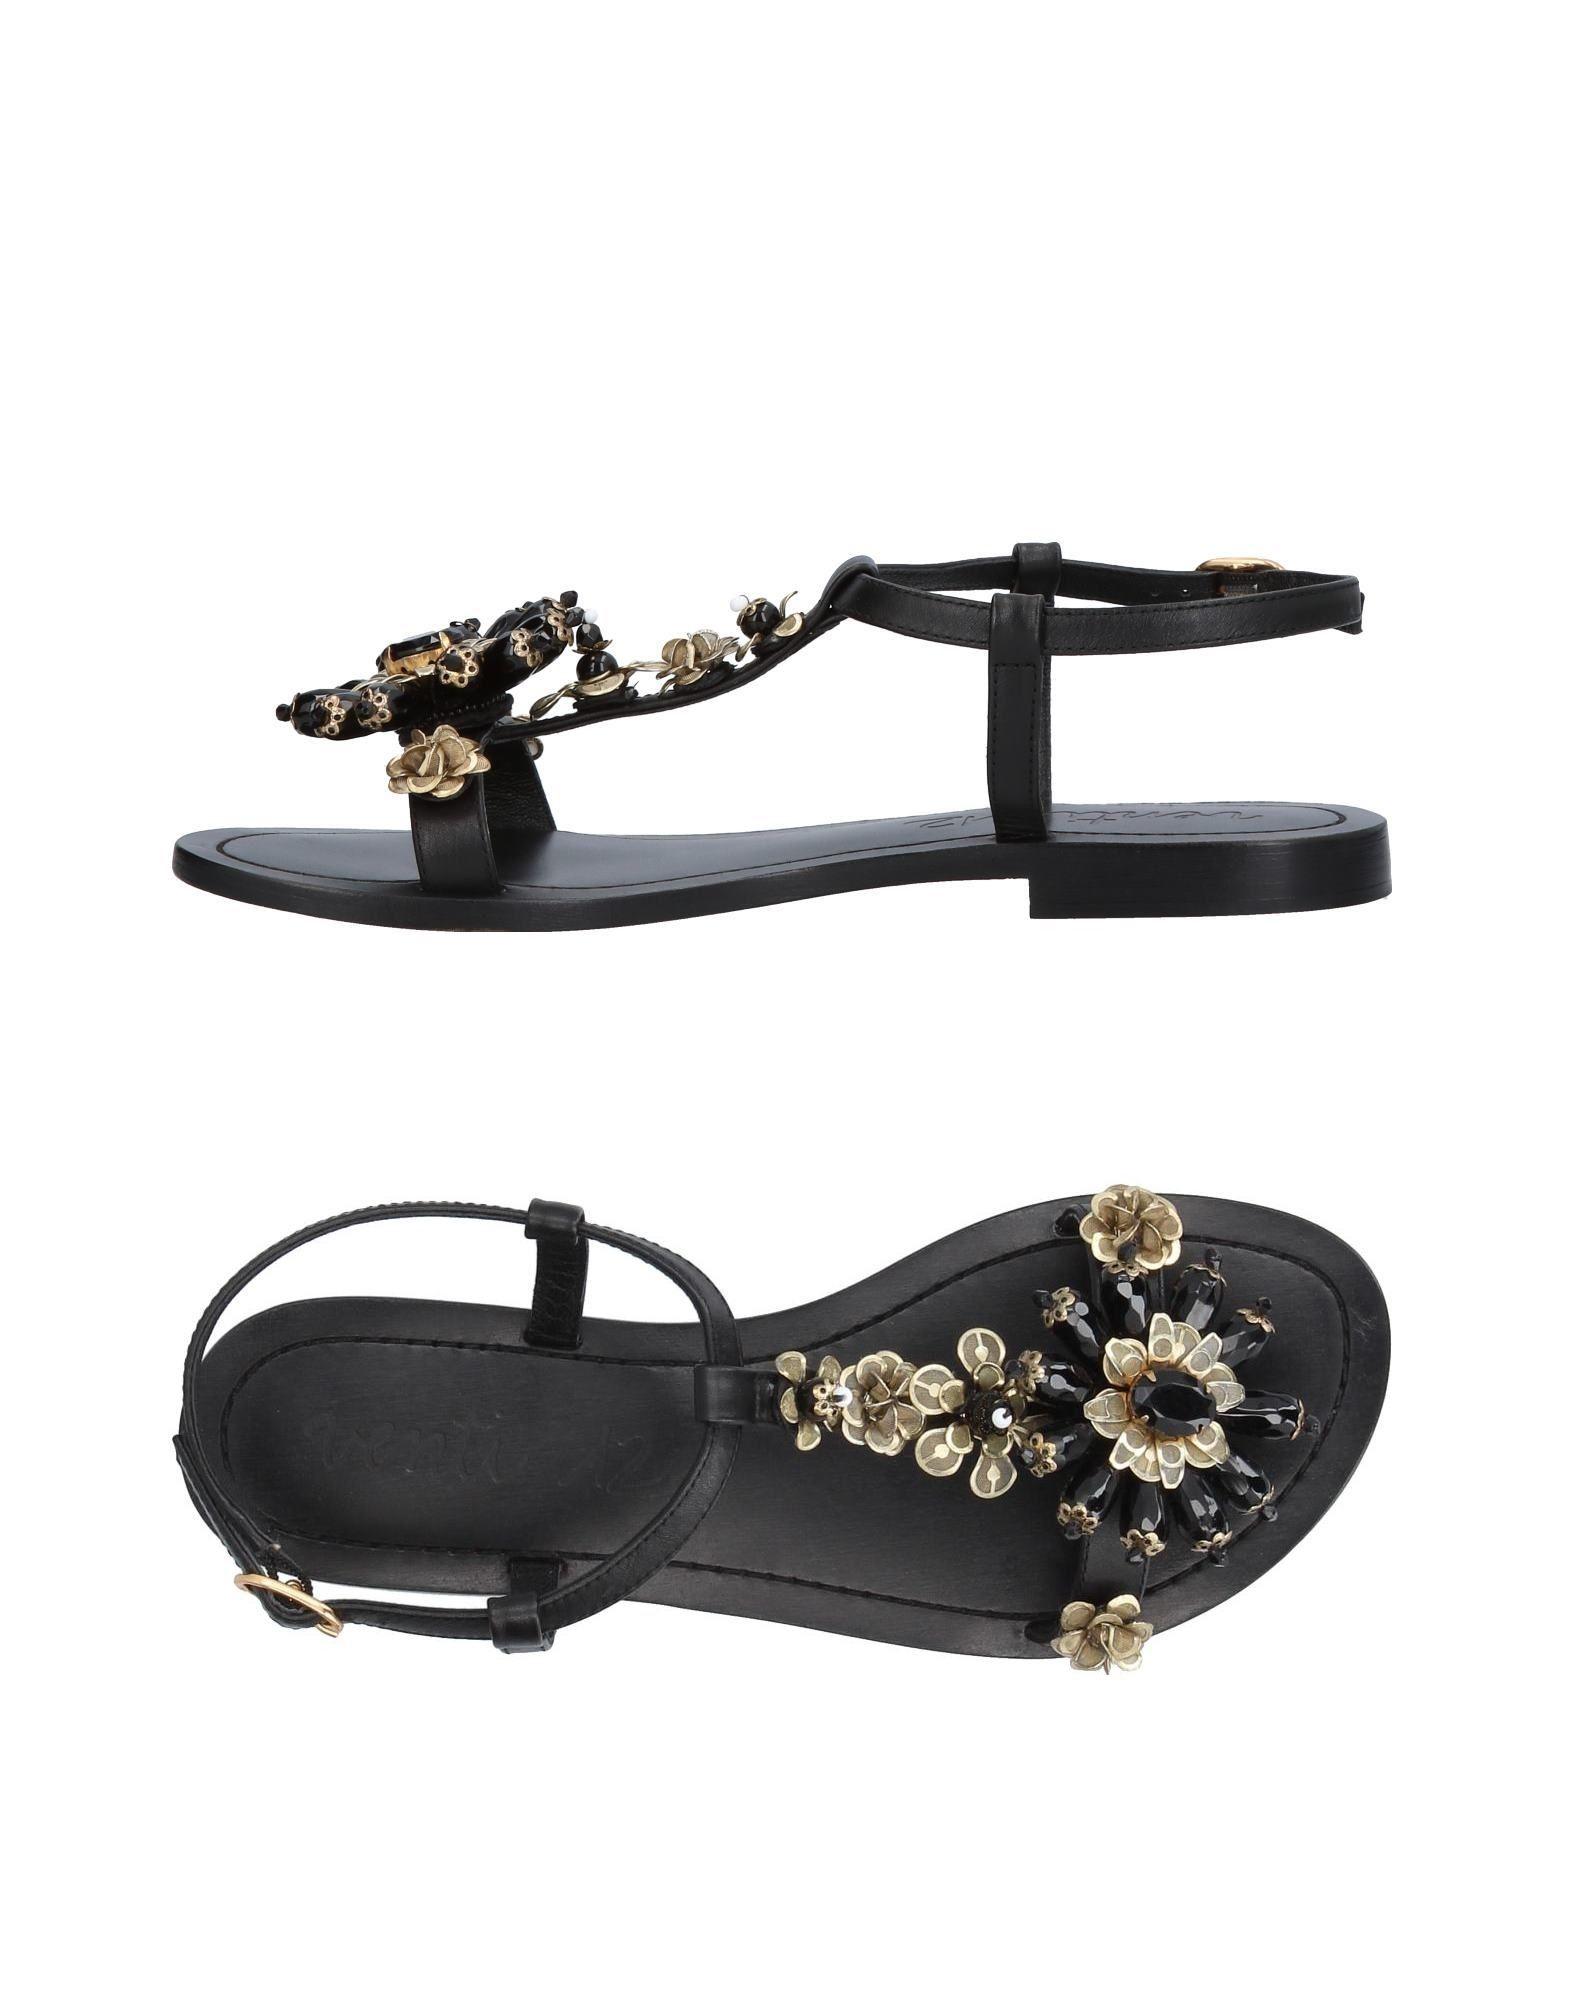 VENTI 12 Sandals in Black